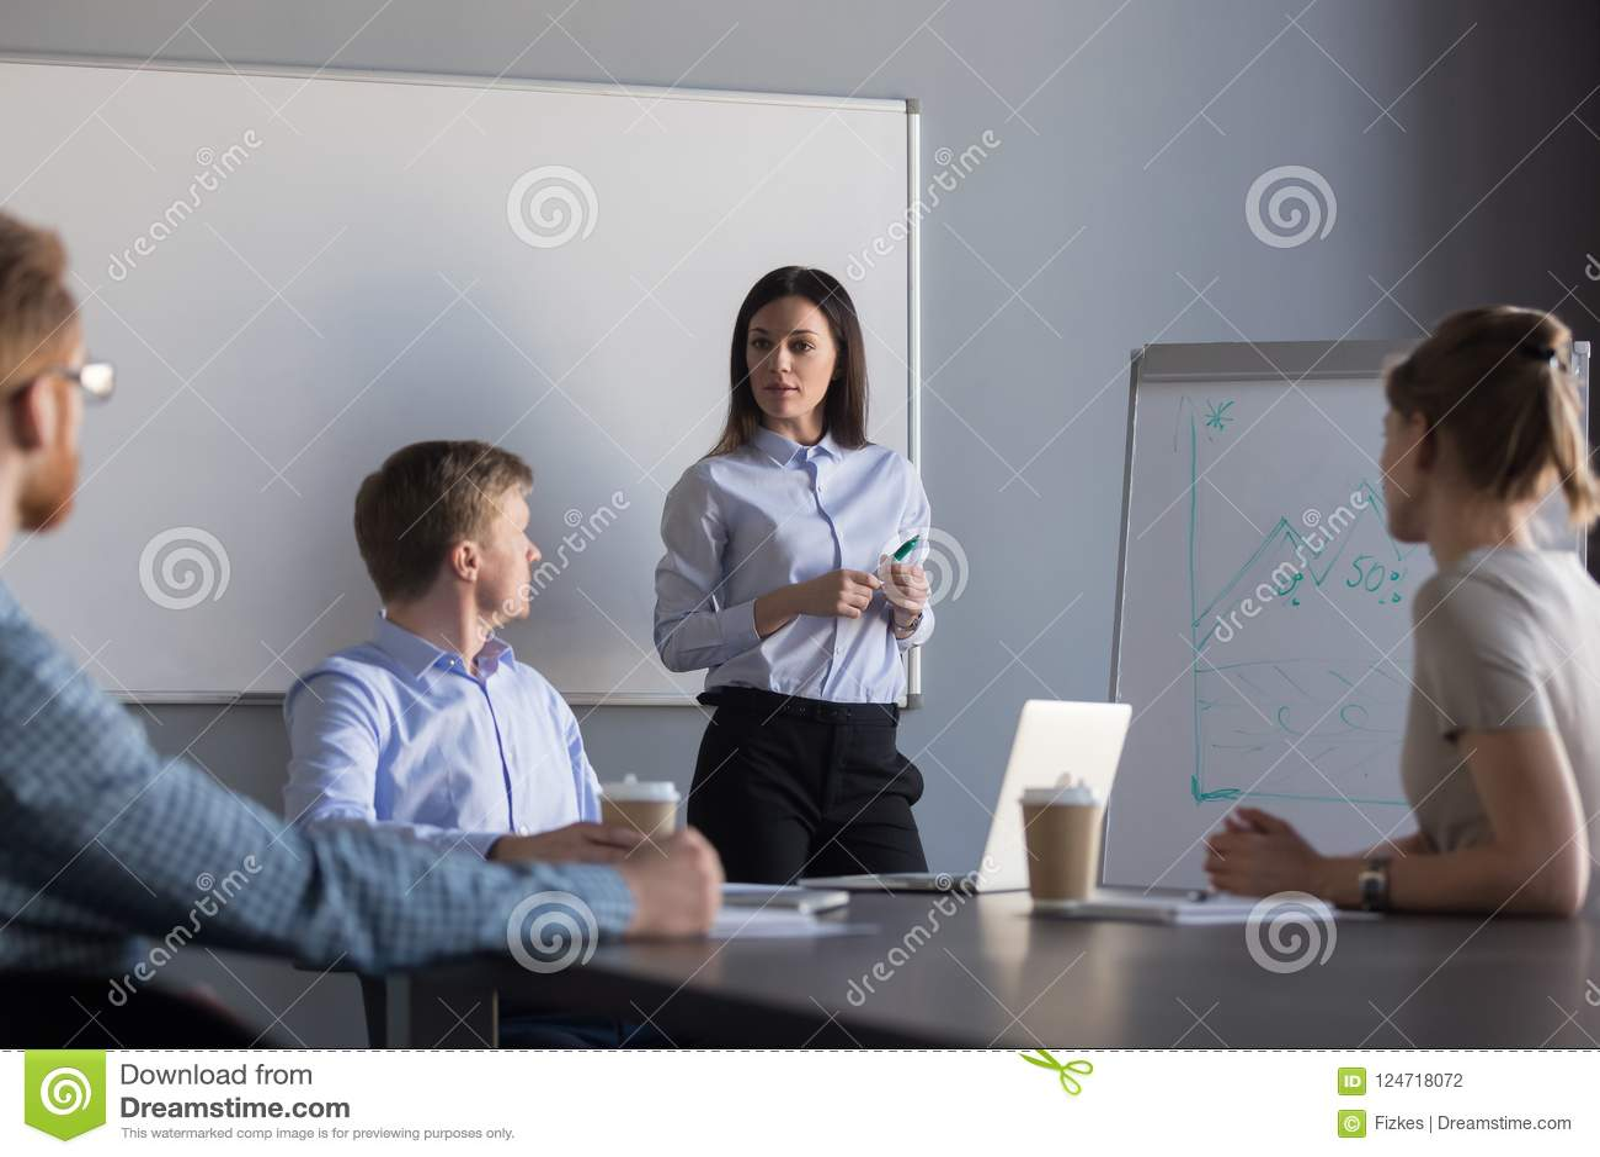 做flipchart介绍的女性报告人在简报期间